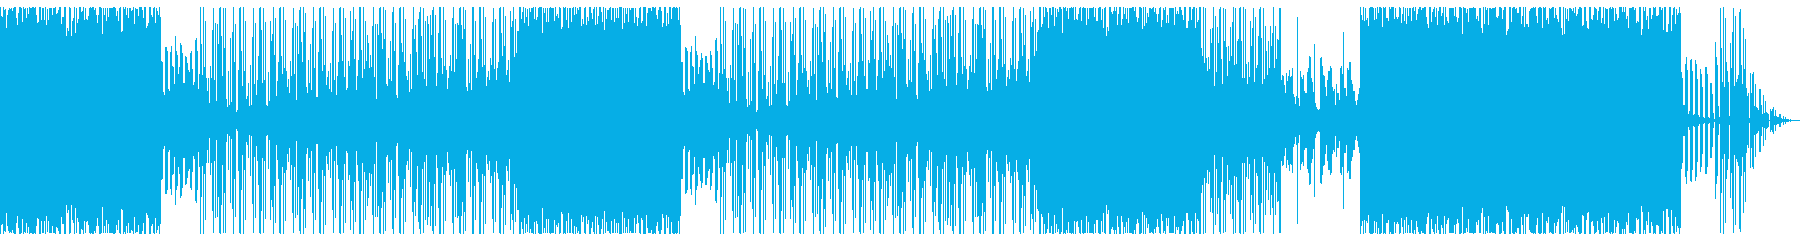 哀愁感漂うヒップホップトラックの再生済みの波形